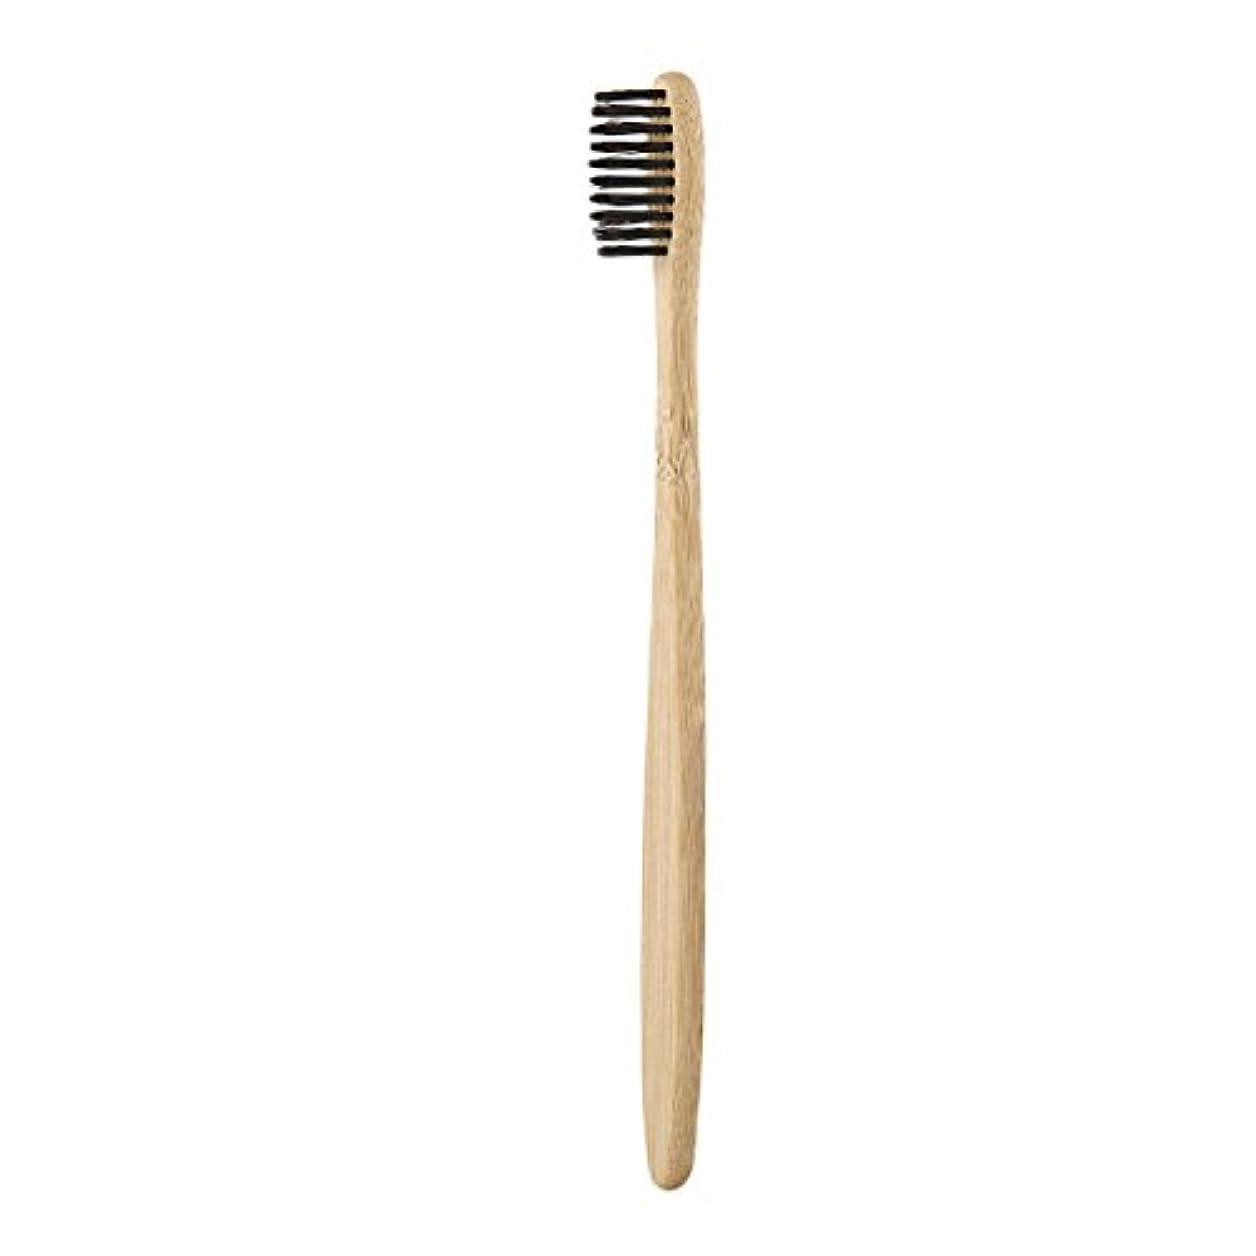 素晴らしきサラミ最悪ハンドメイドの快適で環境に優しい環境の歯ブラシのタケハンドルの歯ブラシ木炭剛毛健康口頭心配(木製色)